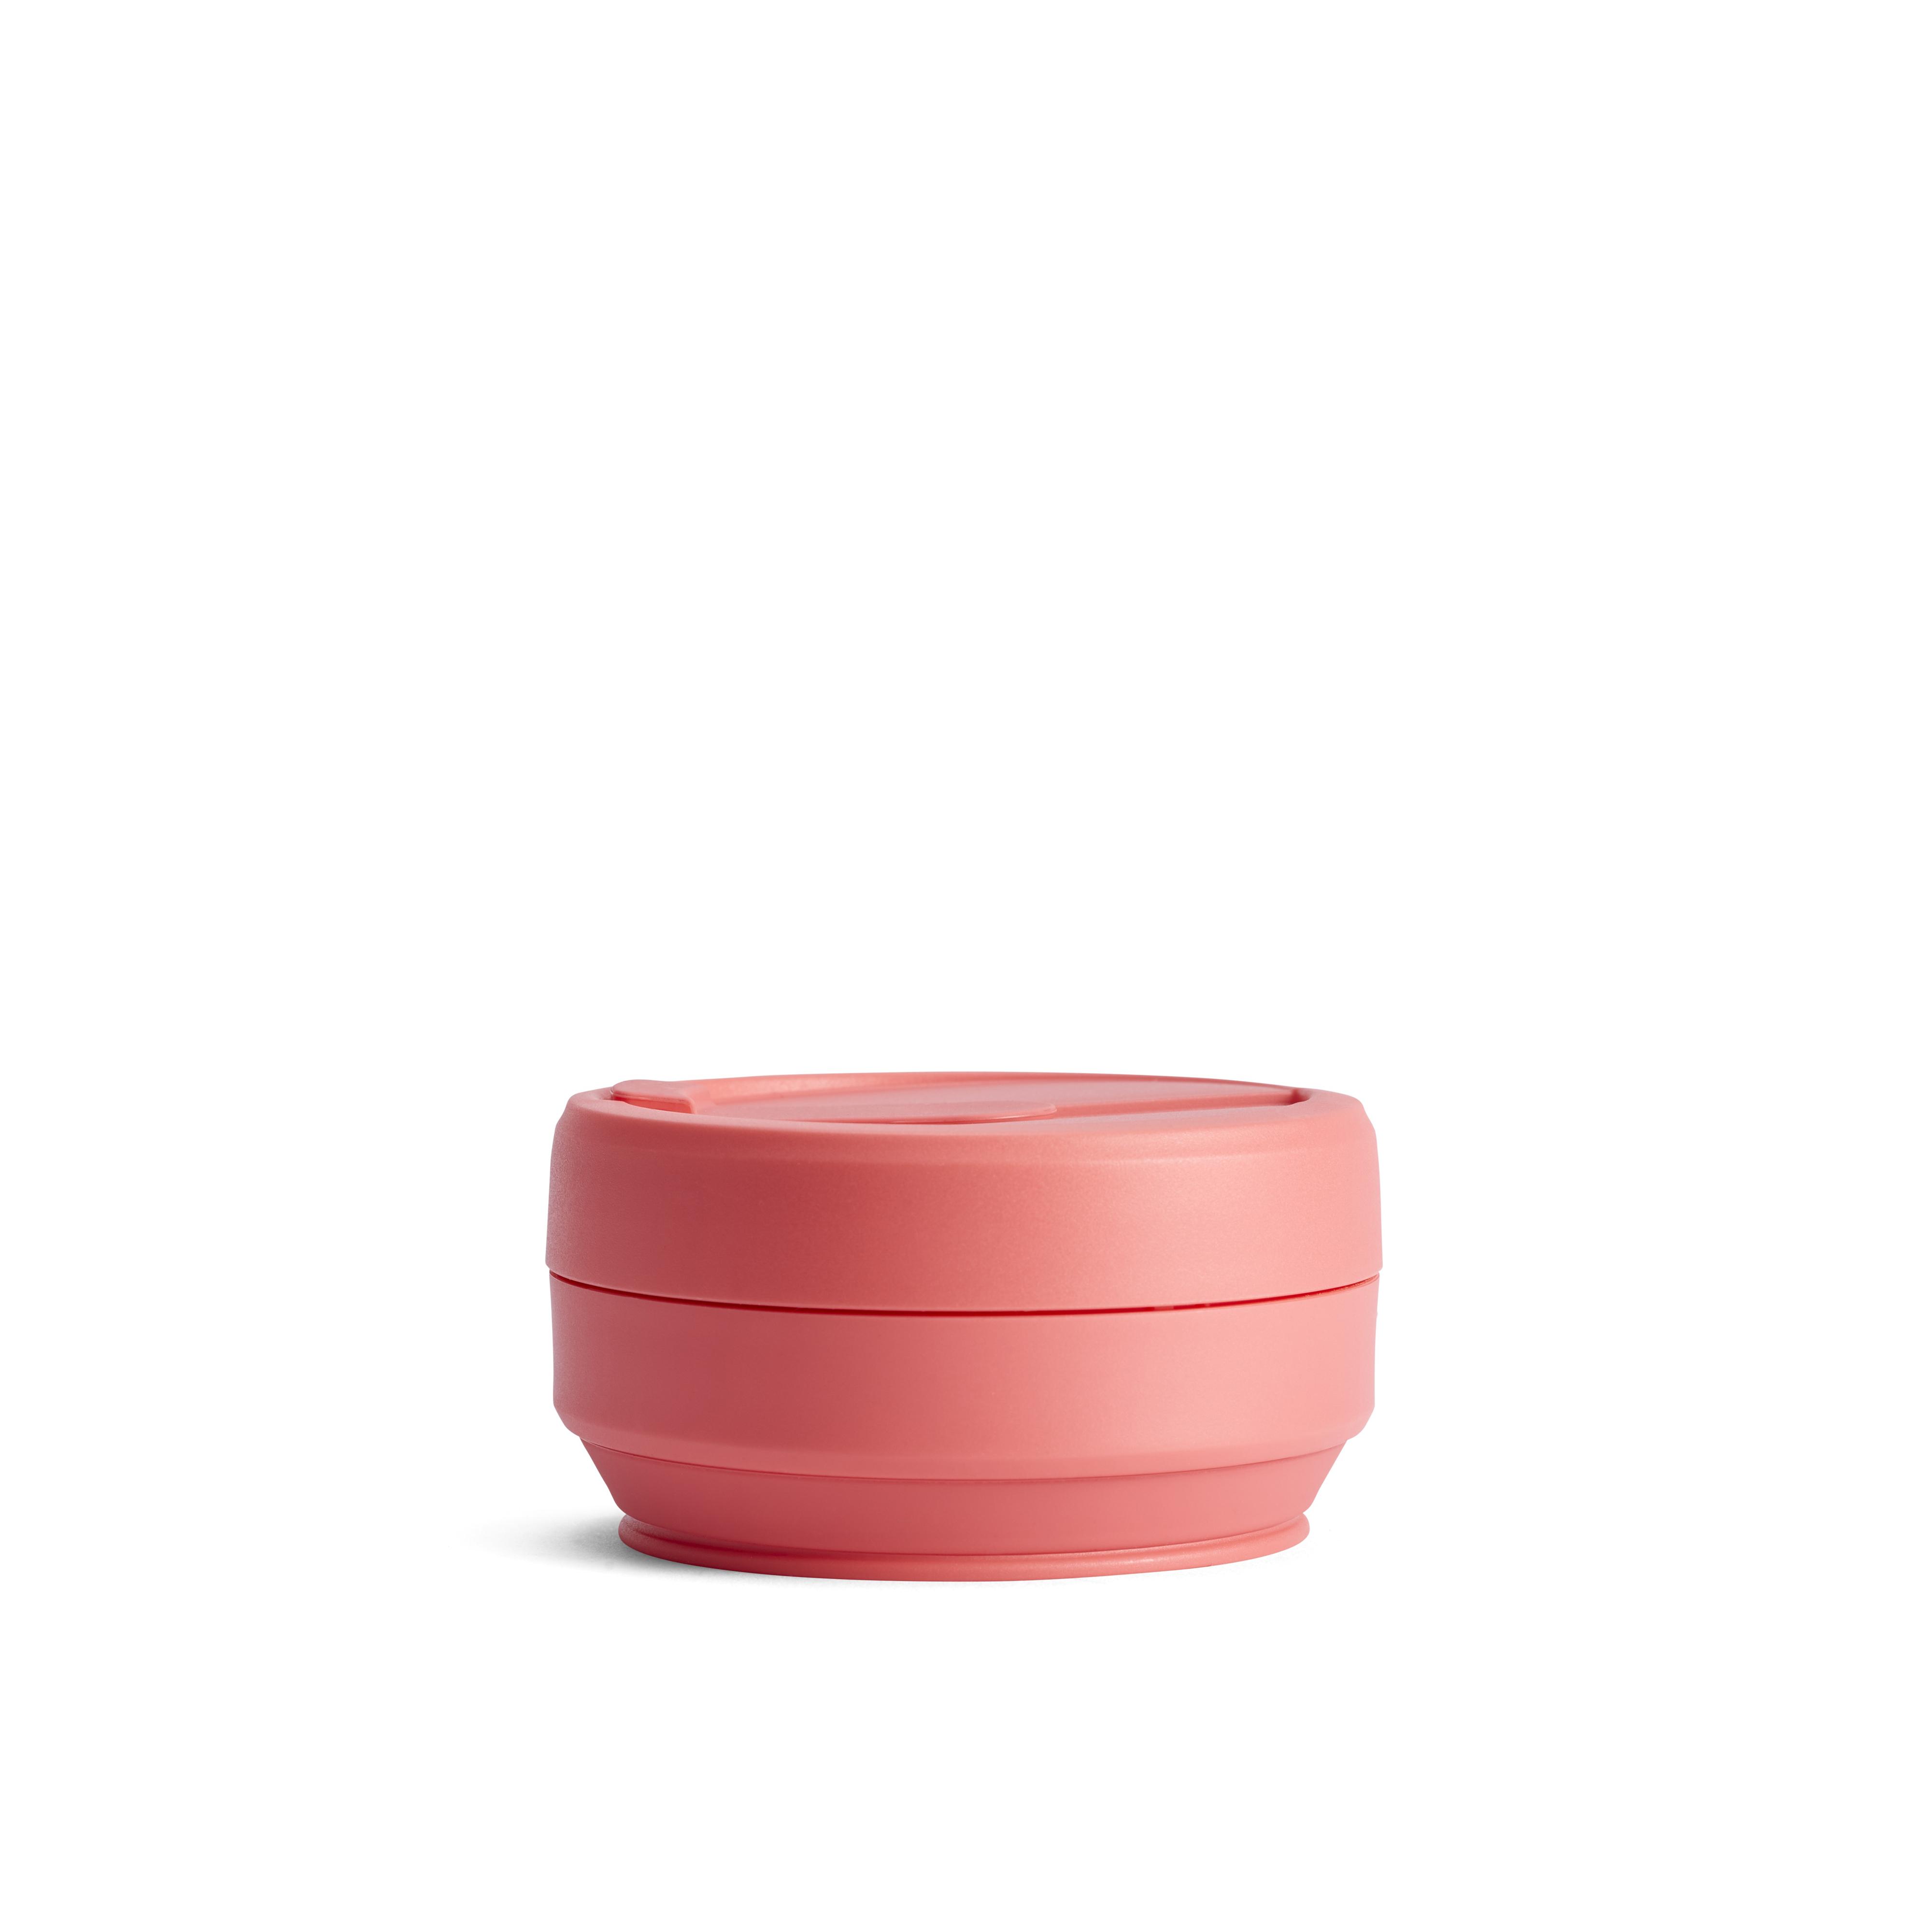 biggie 16 oz cup - coral $19.99